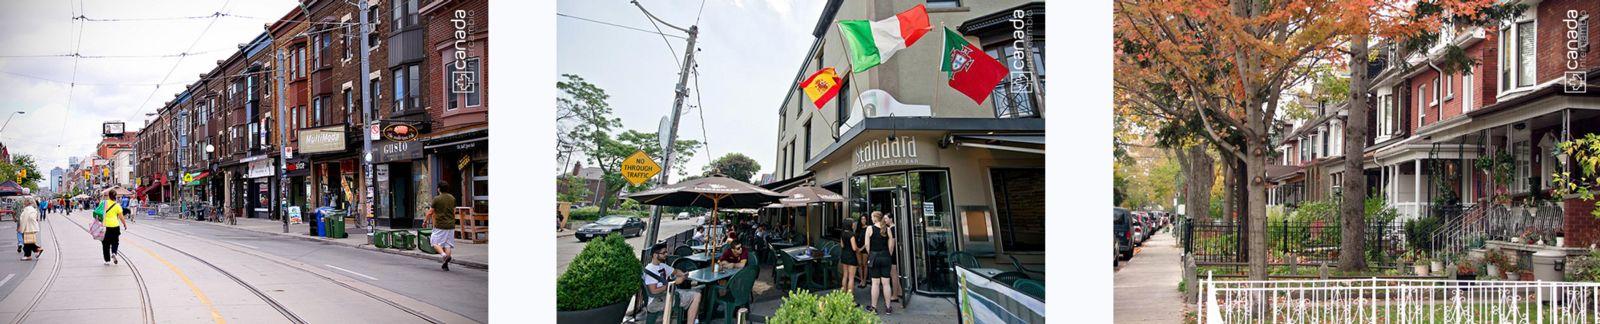 Little Italy, Toronto